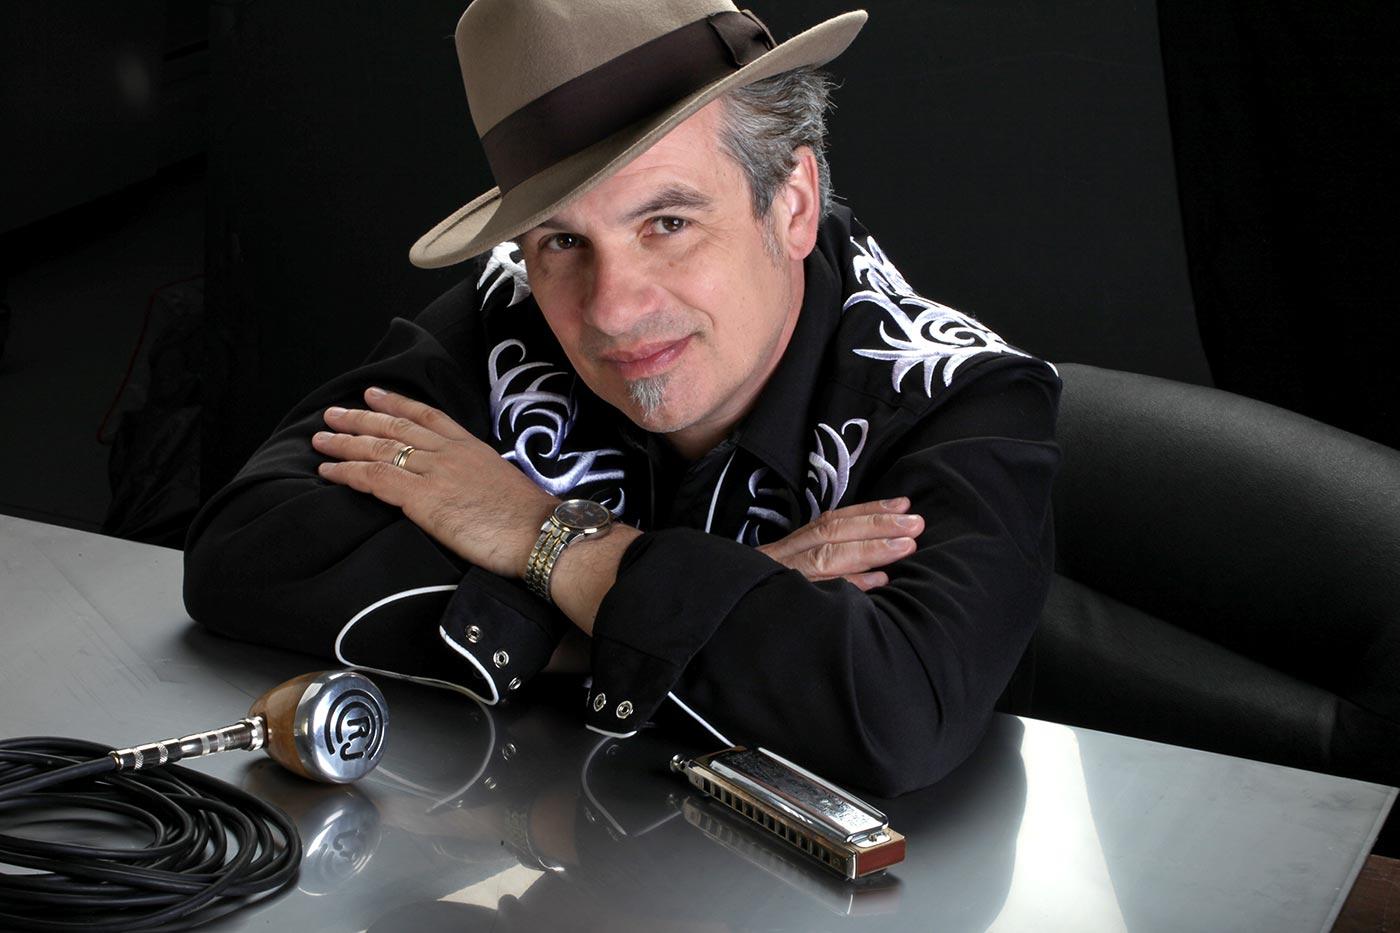 RJ Mischo